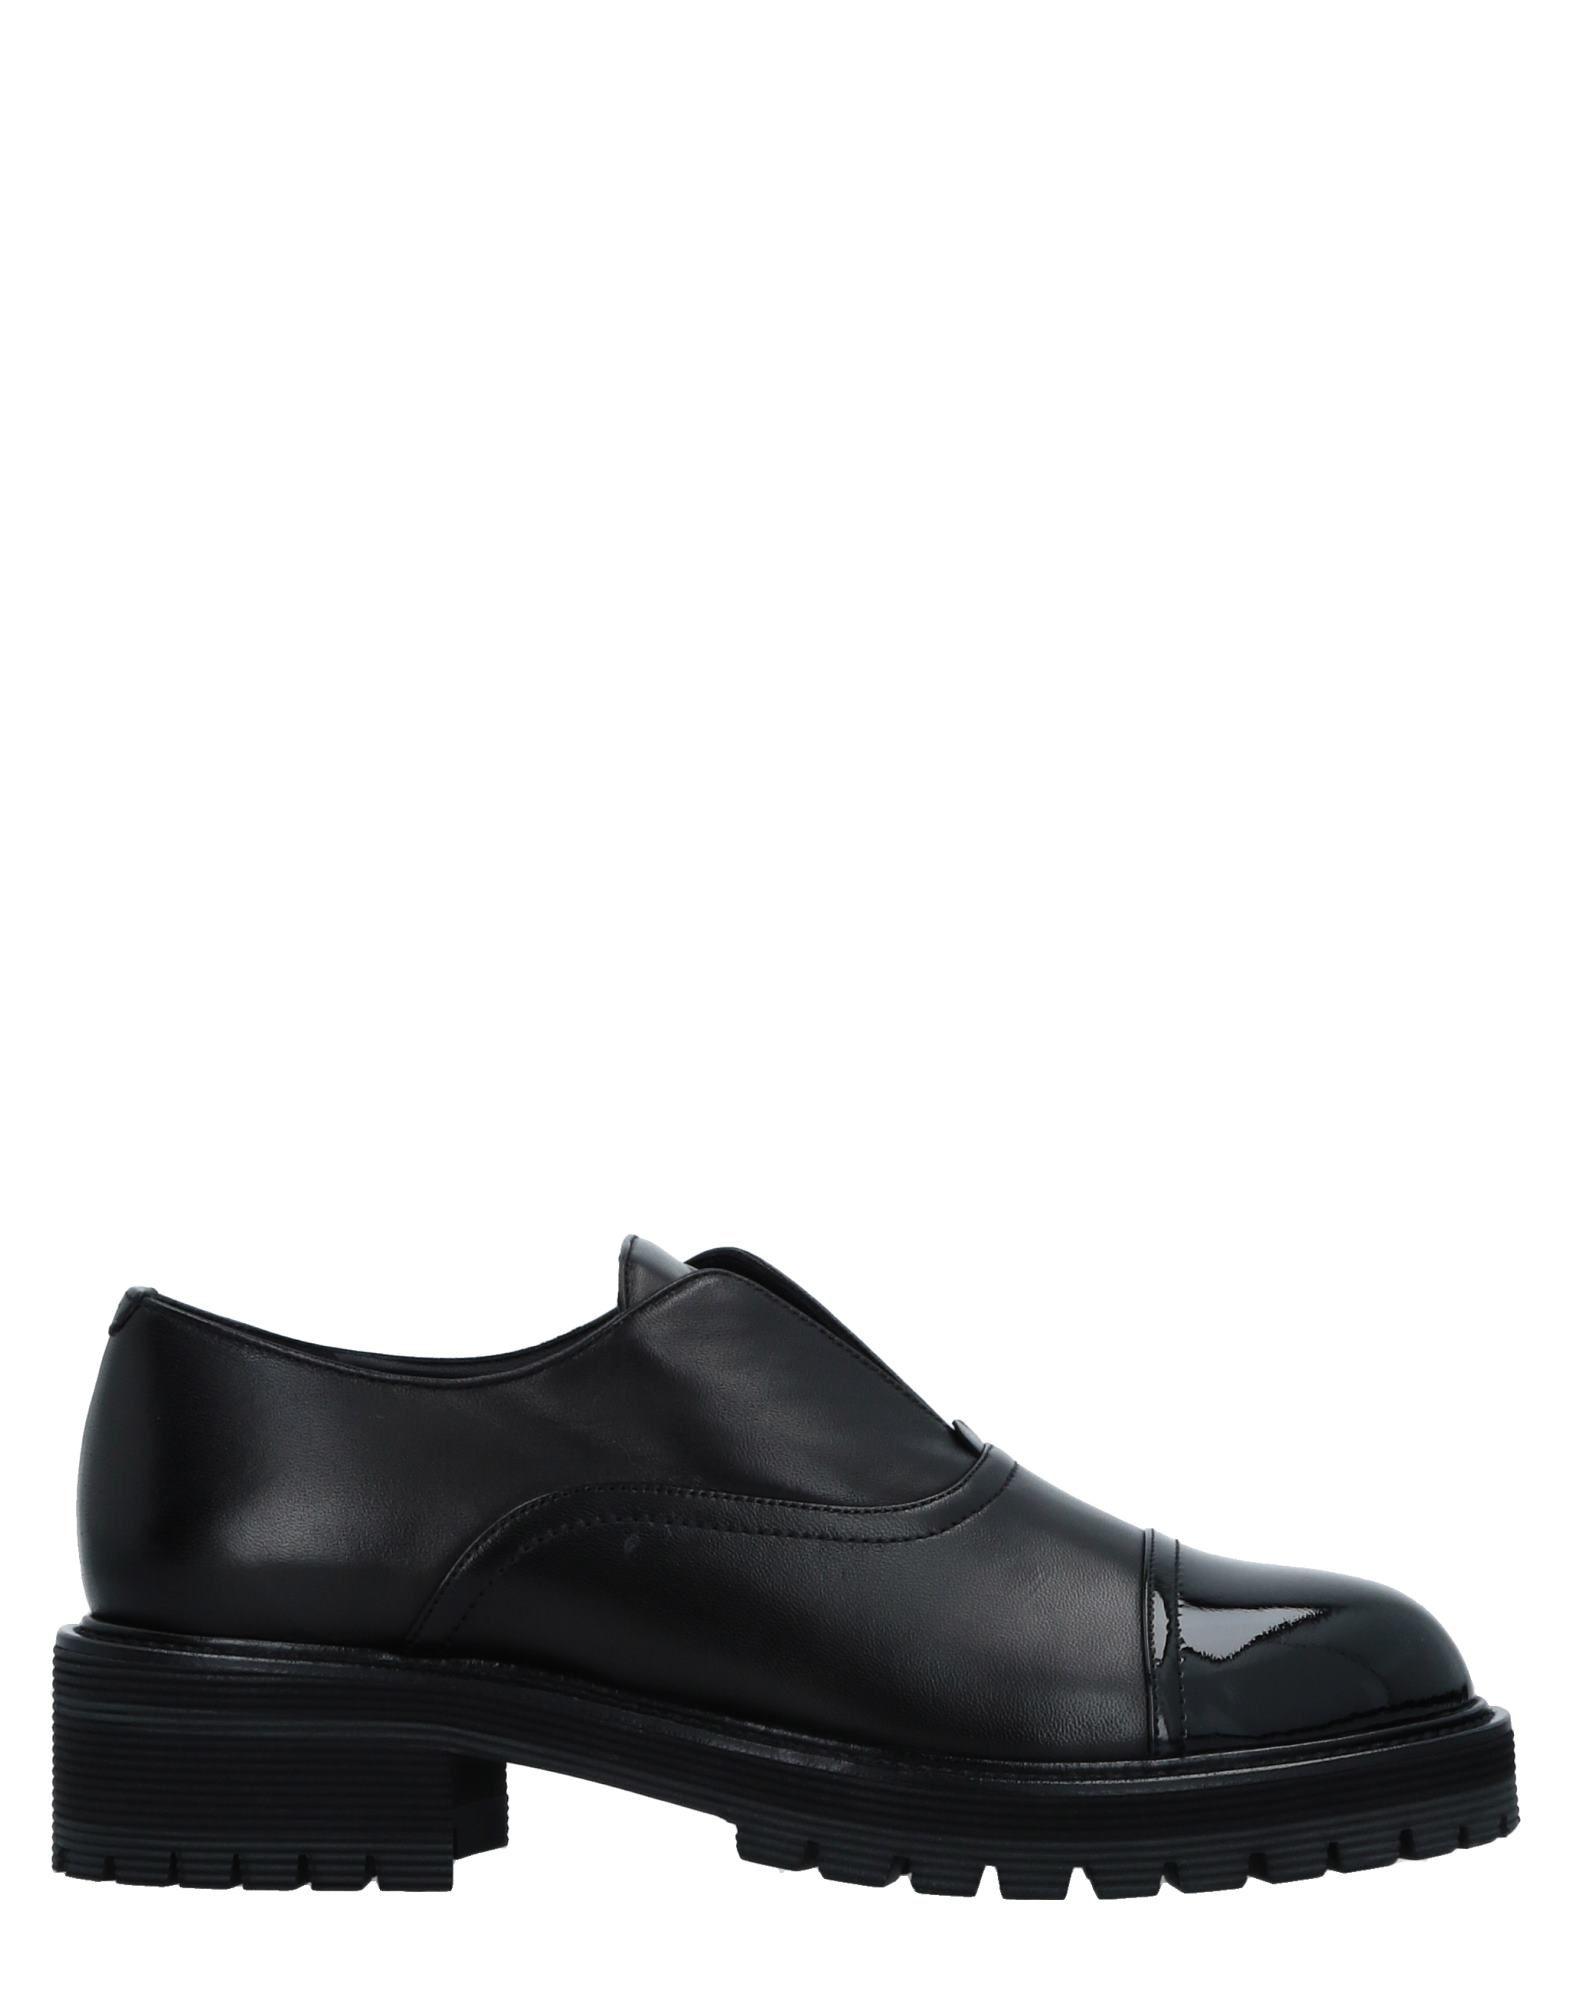 Giuseppe Zanotti Mokassins Damen  11515558QL Beliebte Schuhe